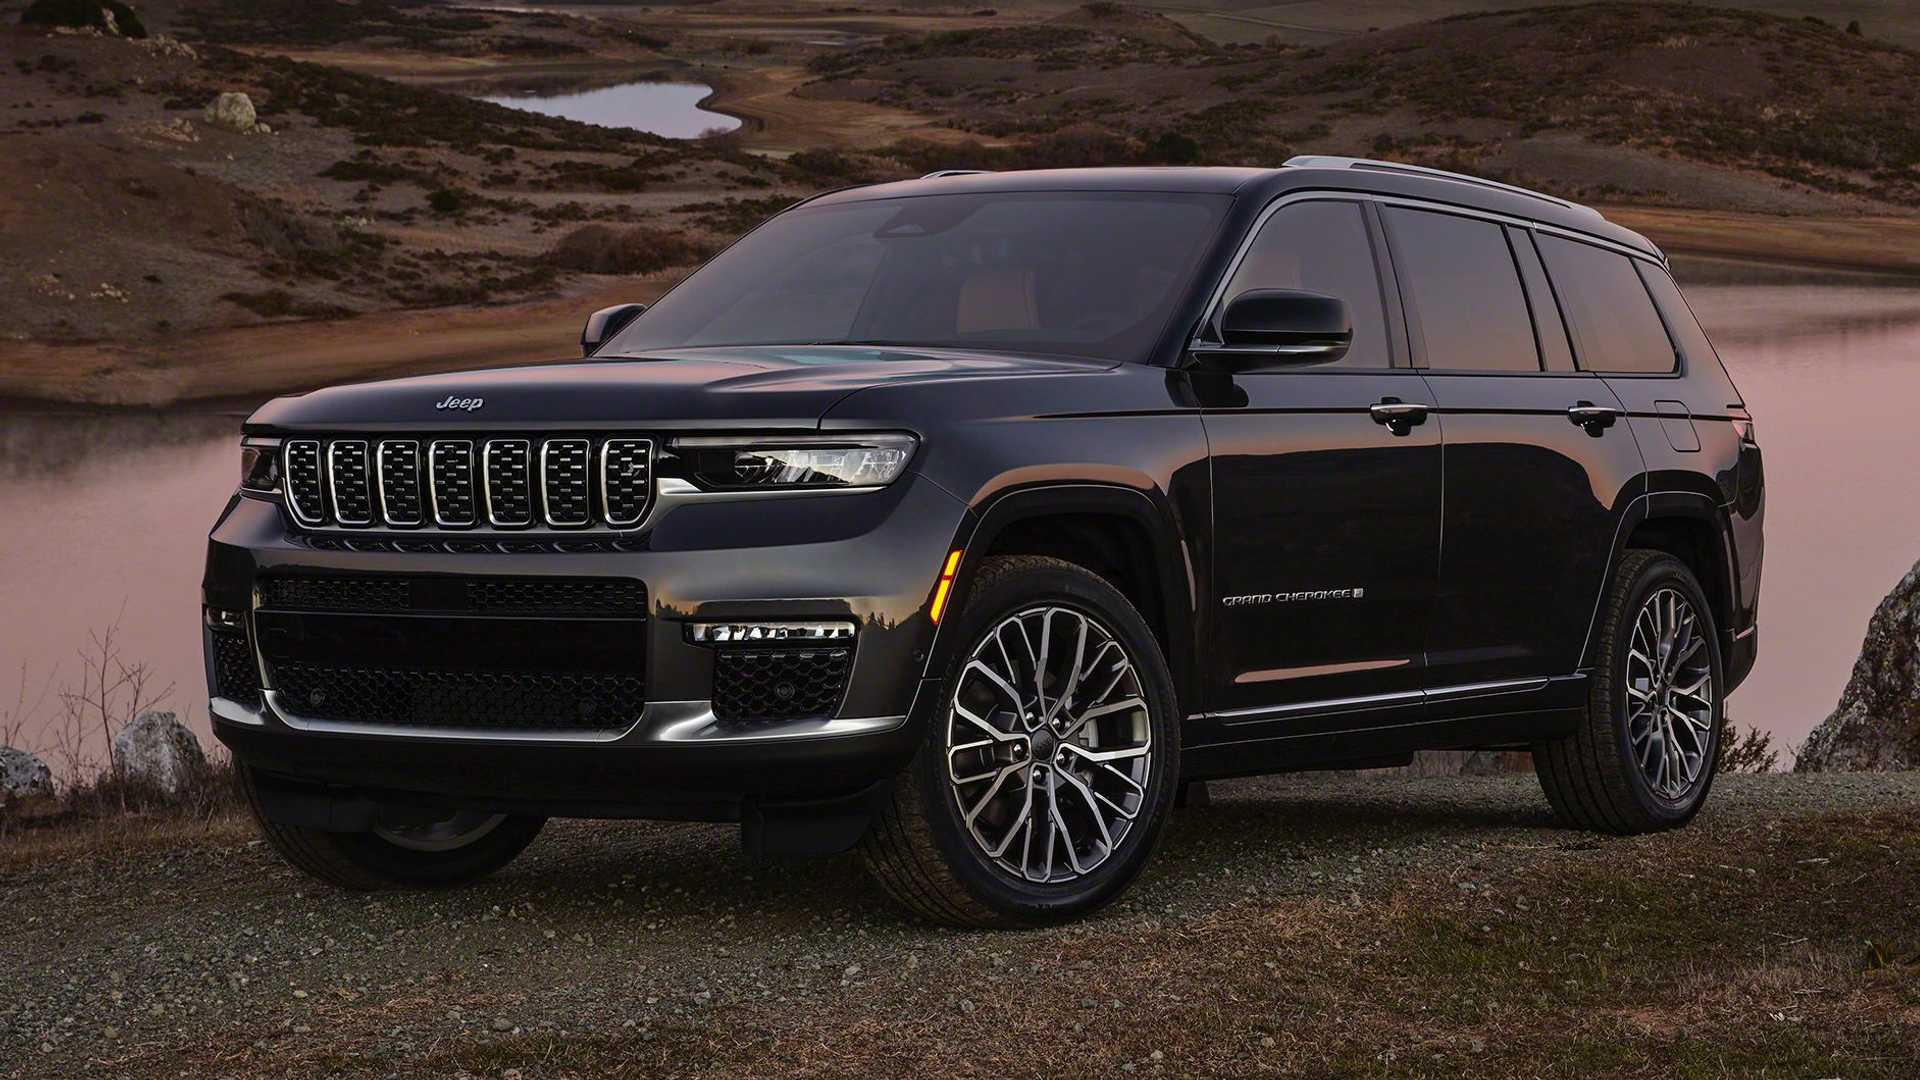 Νέο Jeep Grand Cherokee L [vid]